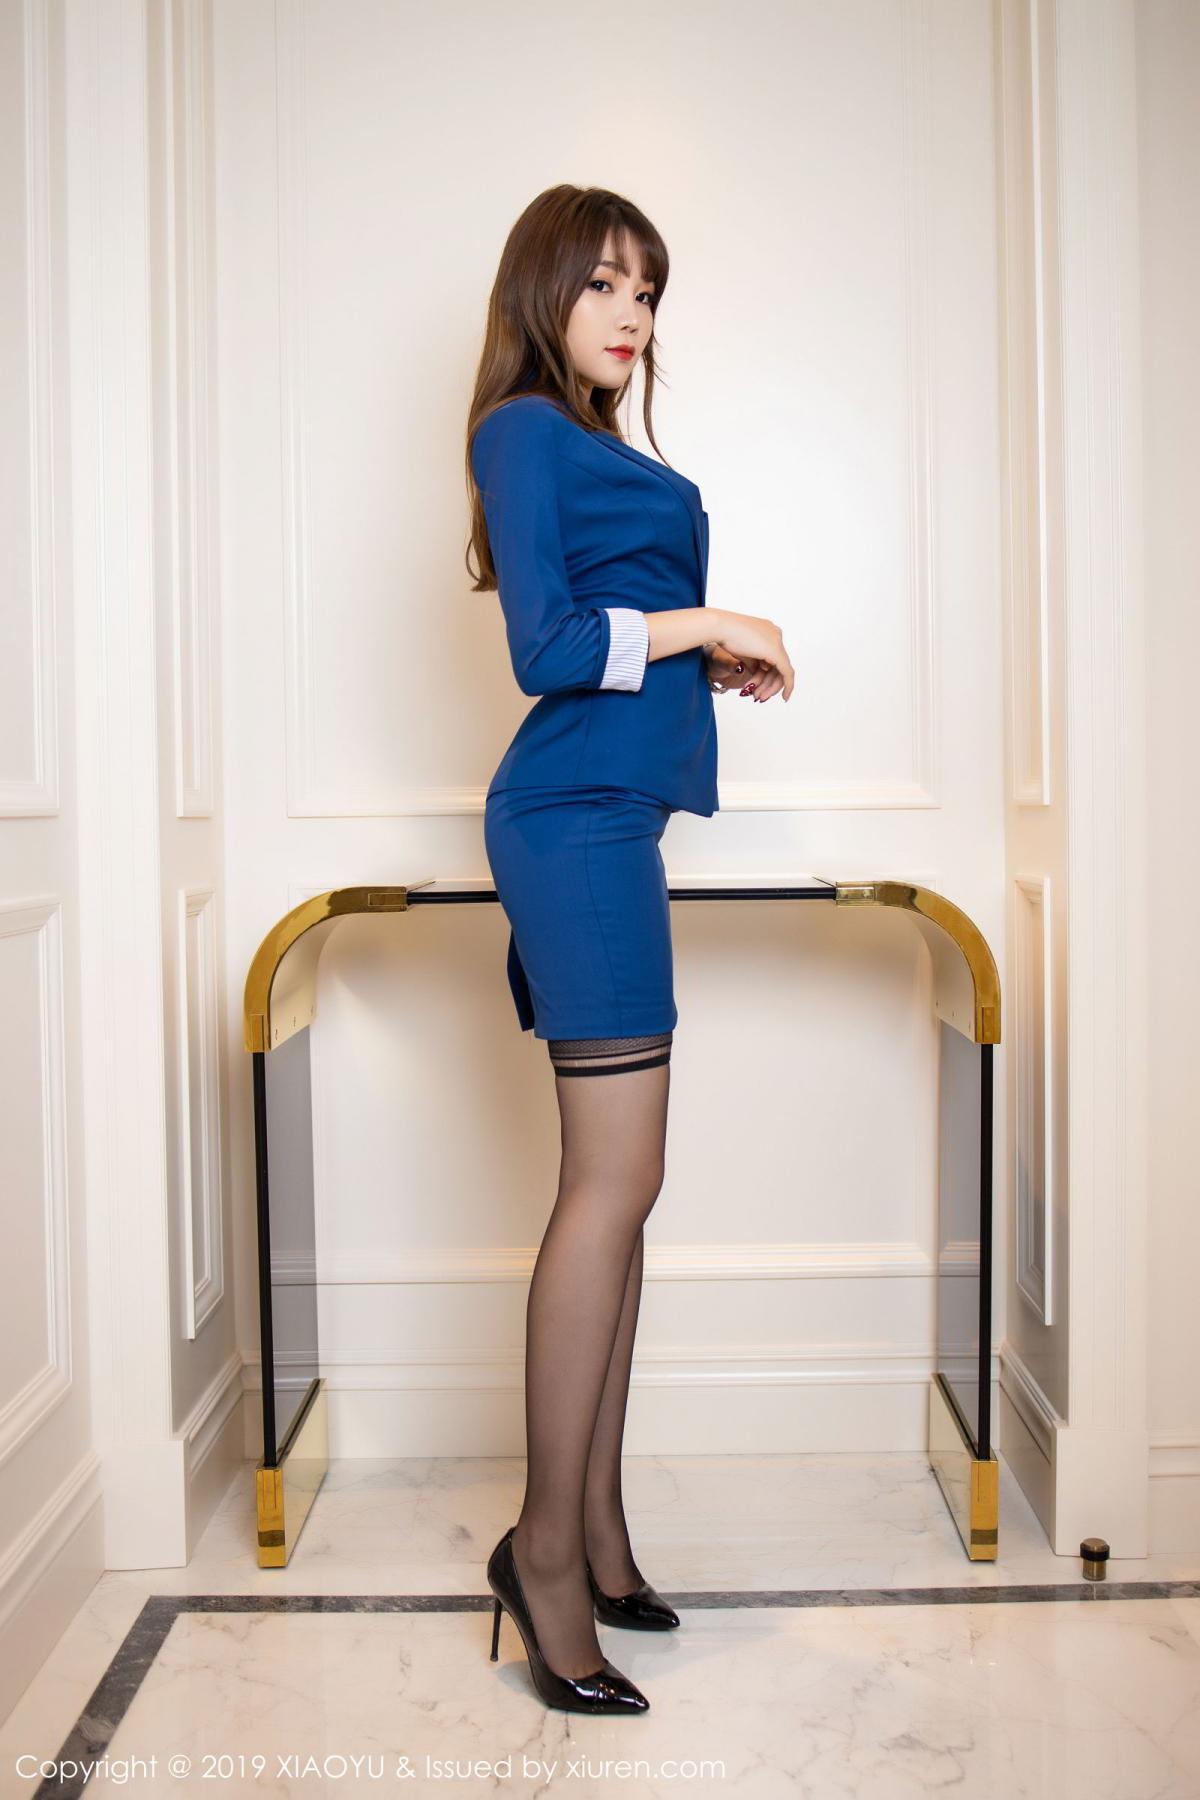 [XiaoYu] Vol.205 Chen Zhi 2P, Black Silk, Chen Zhi, Underwear, Uniform, XiaoYu